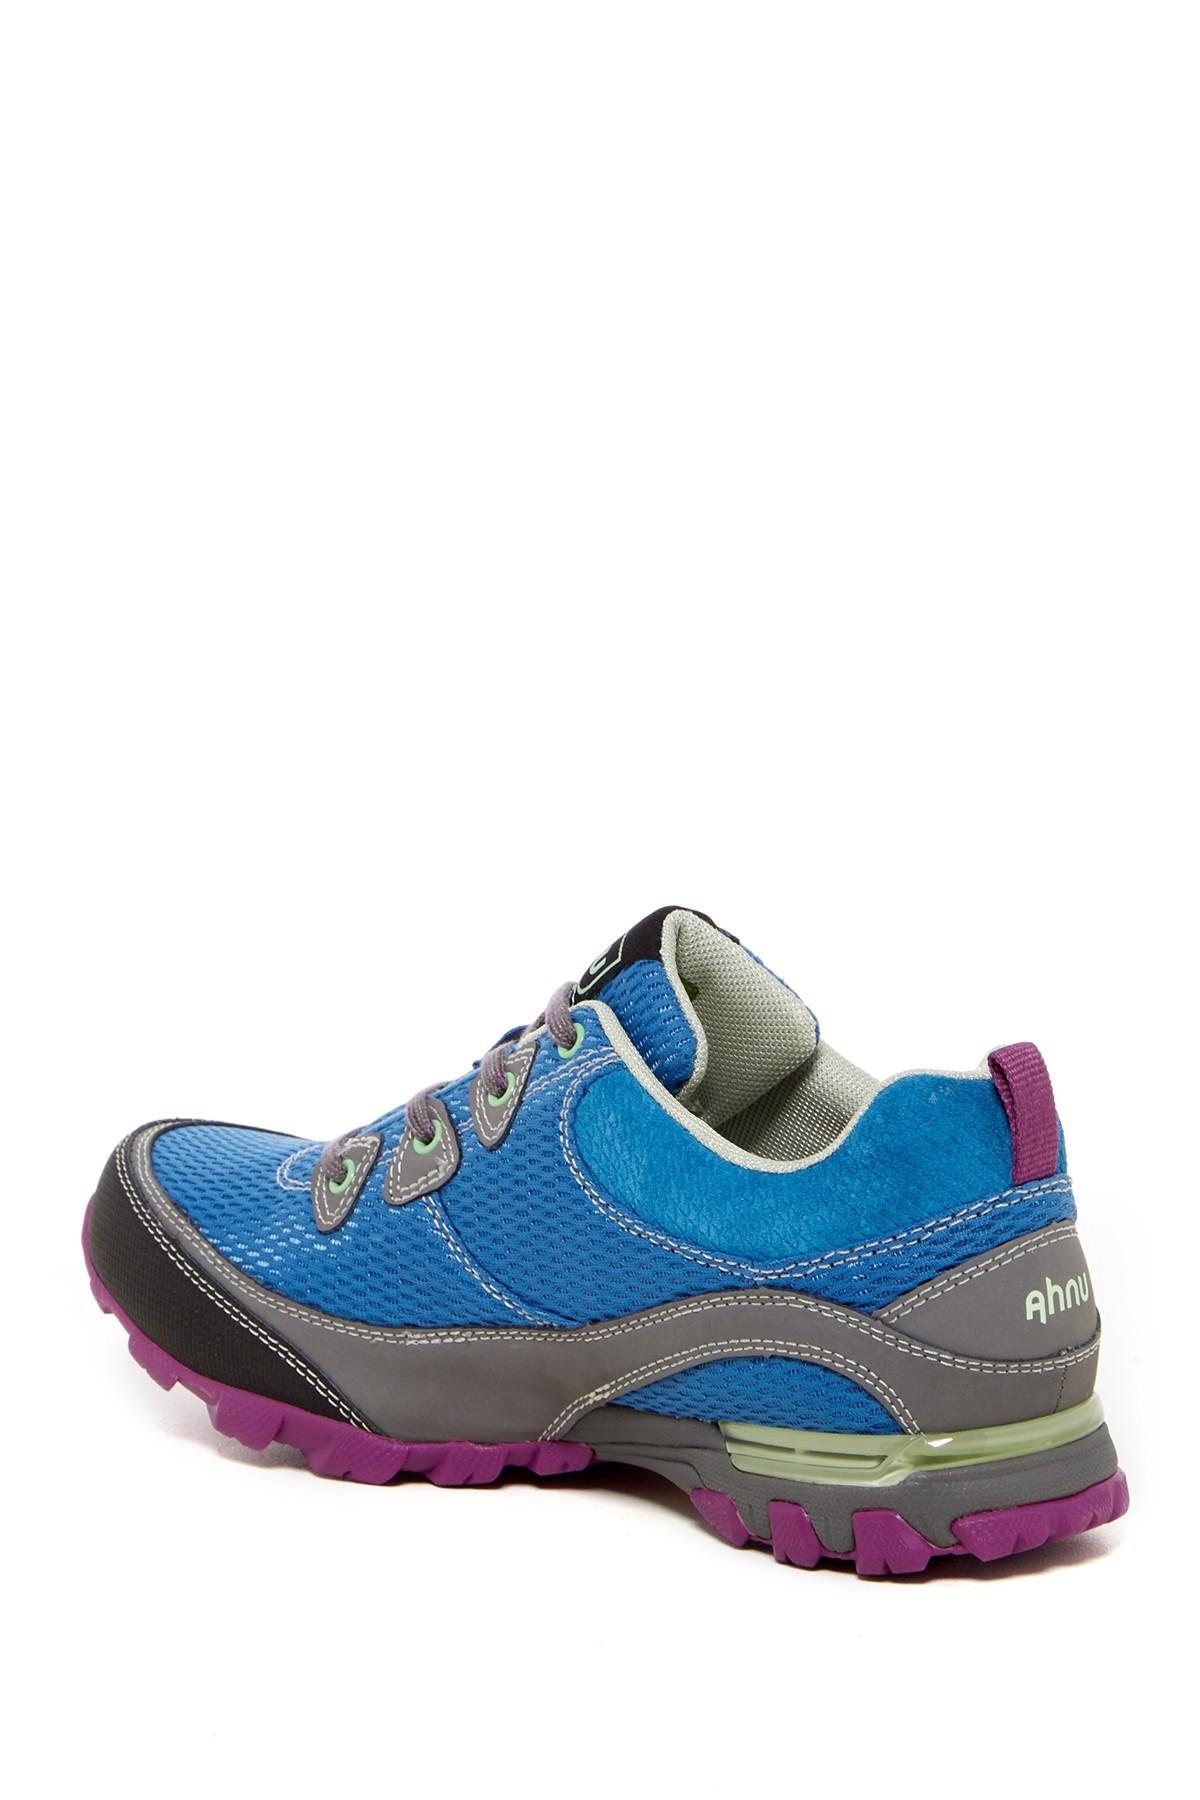 Ahnu Women S Hiking Shoe